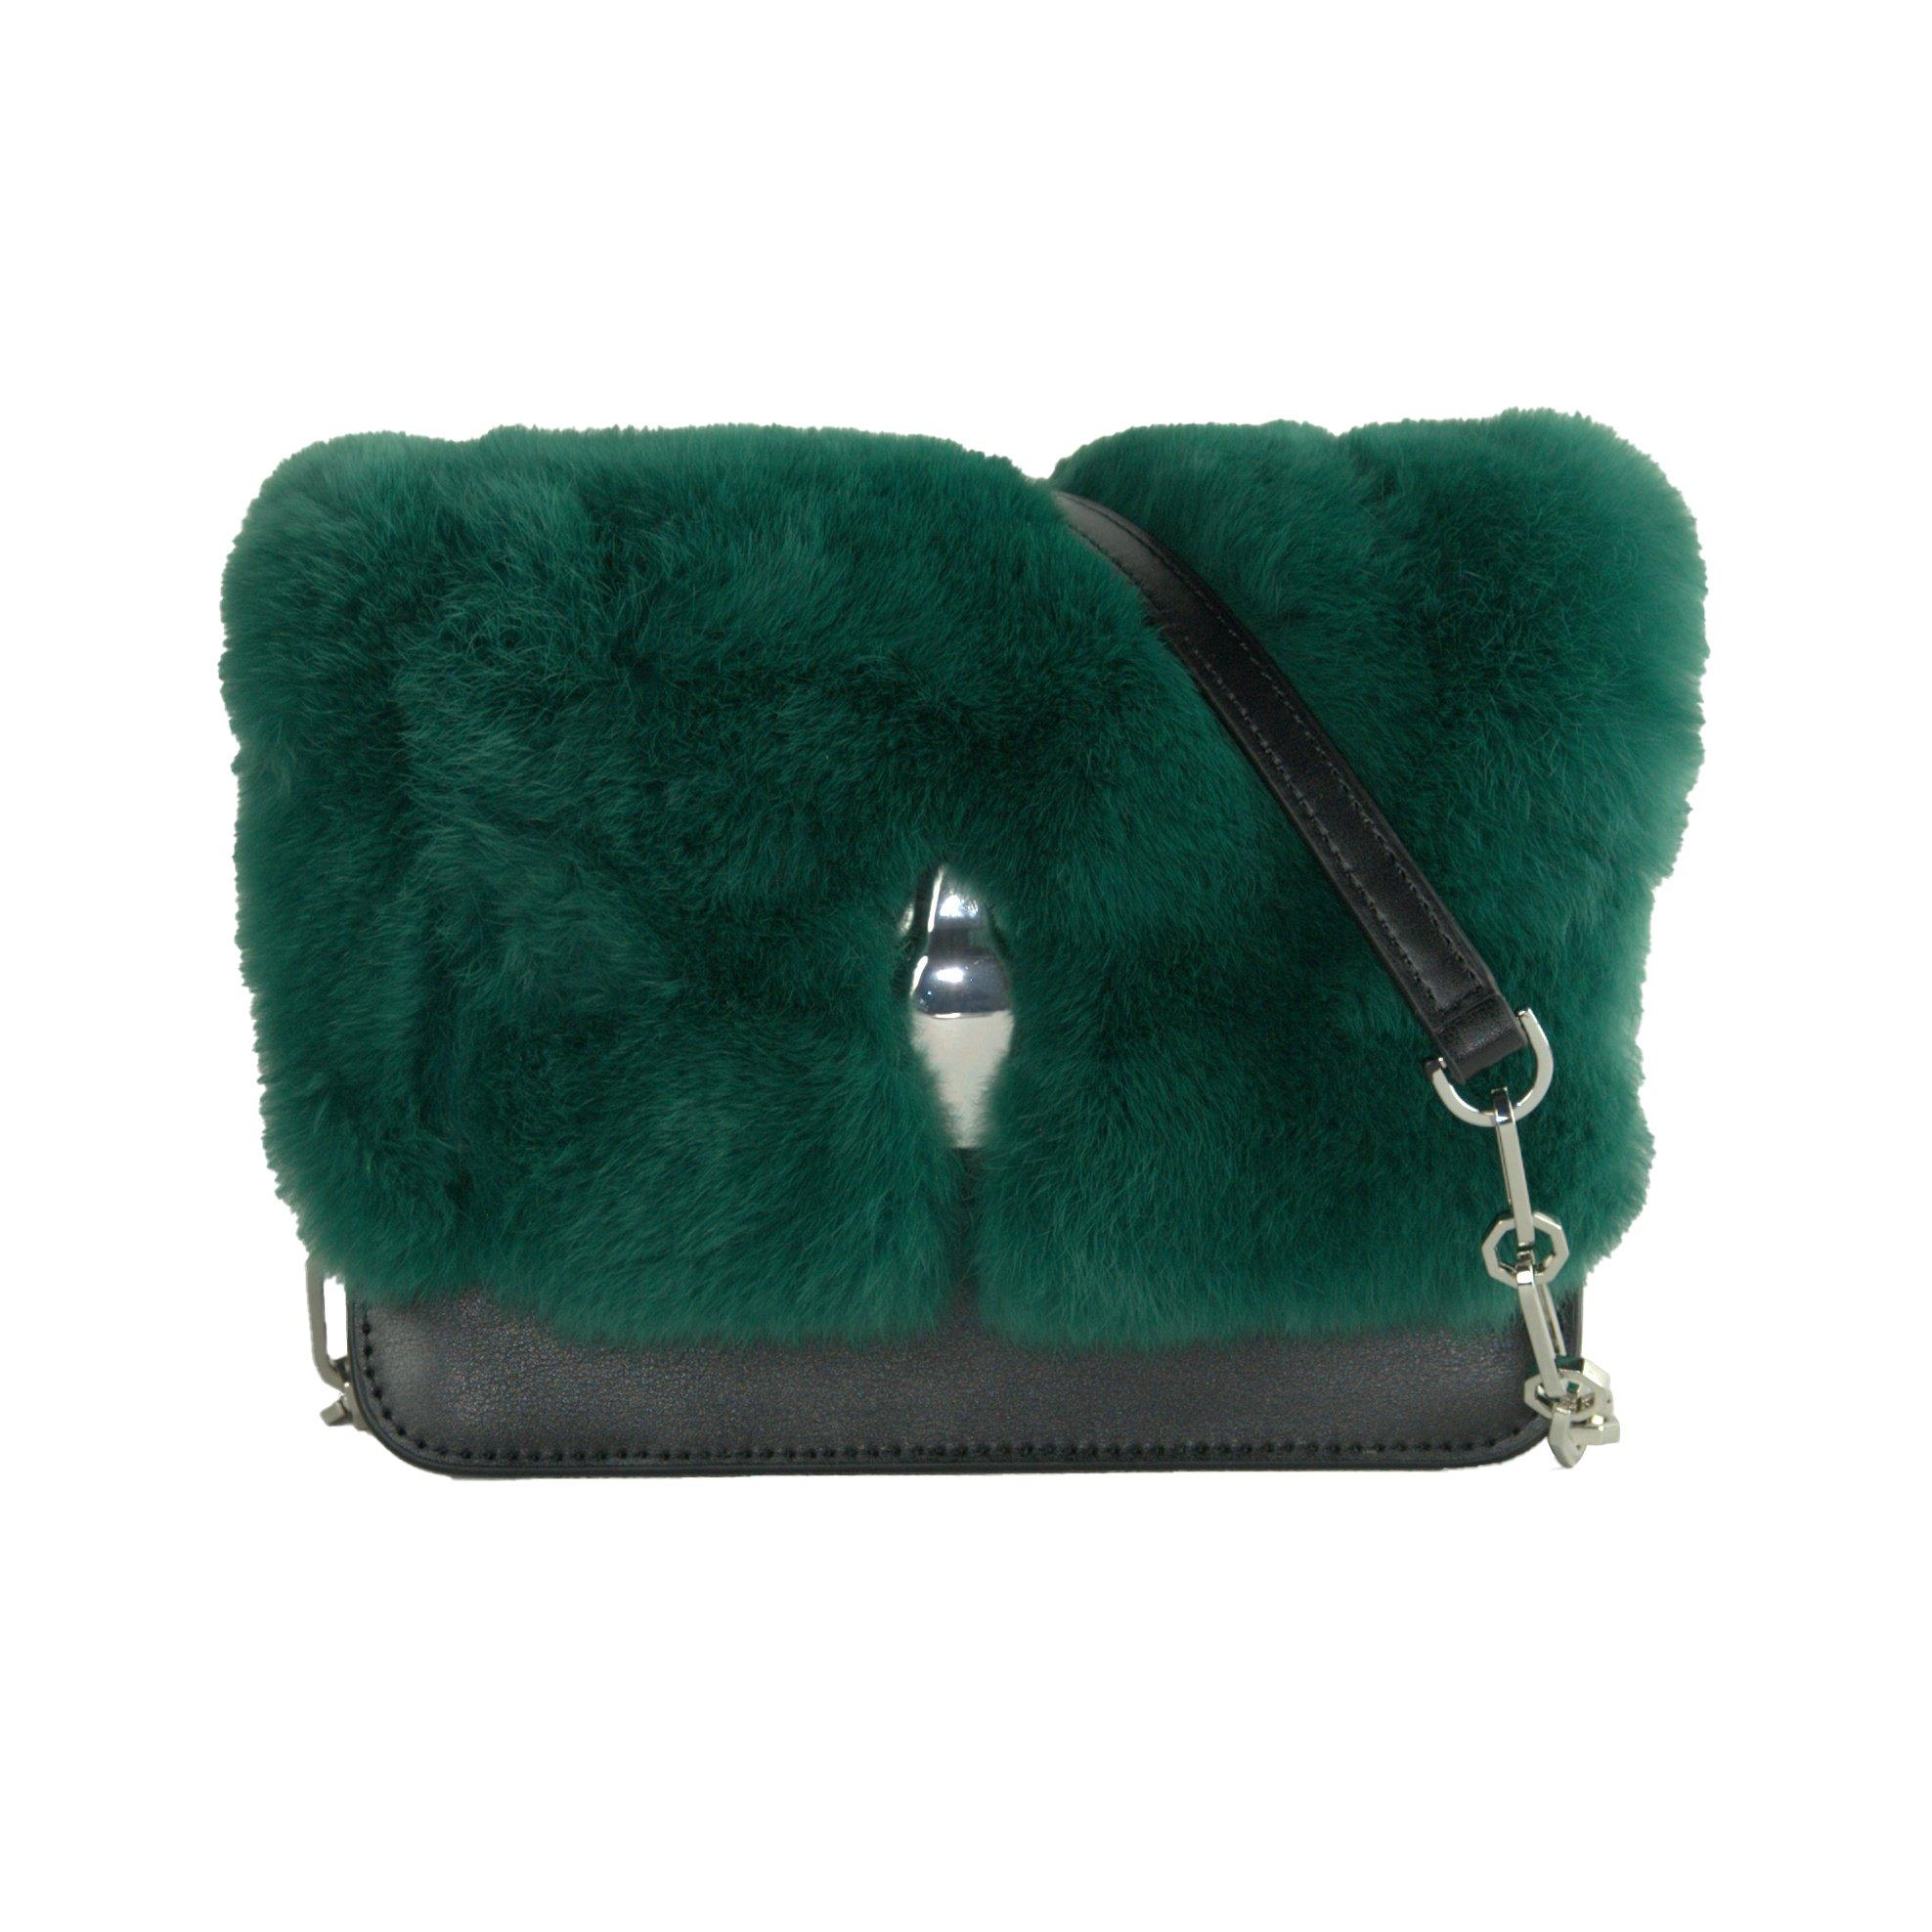 Cavalli Class Women's Handbag Green CA1421351